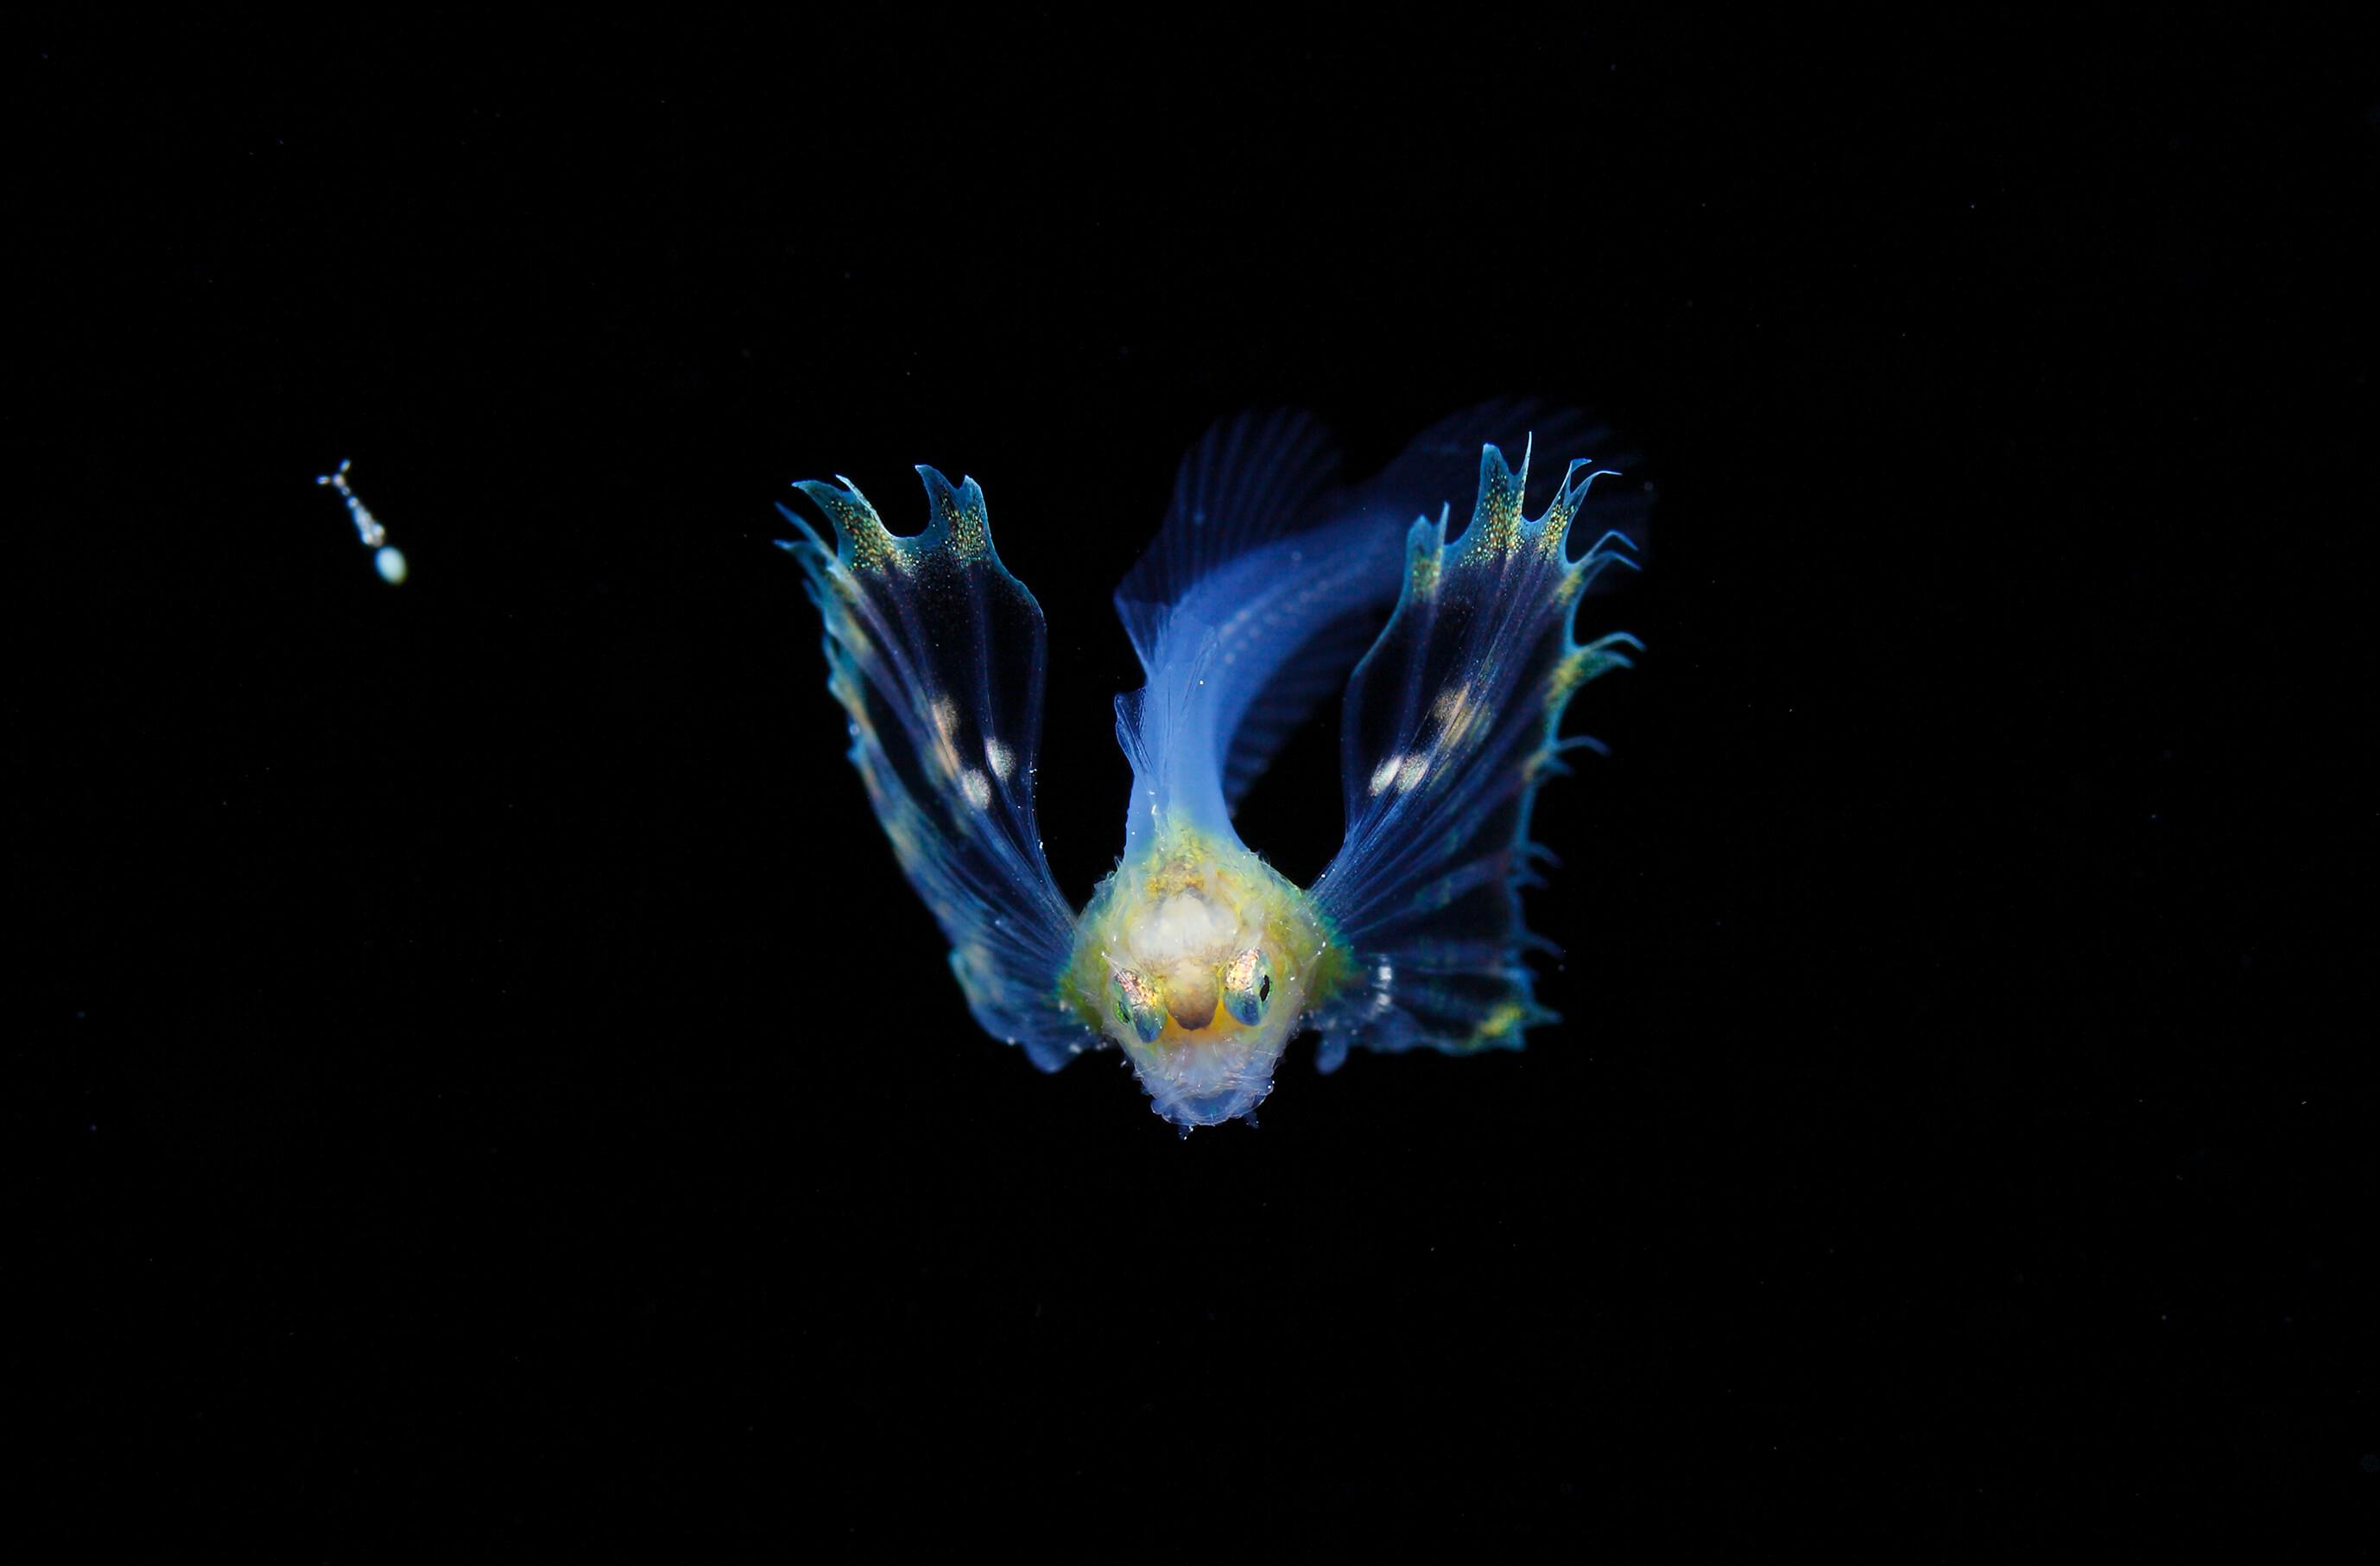 プランクトンの水中写真2 (日経ナショナルジオグラフィック写真賞2016)